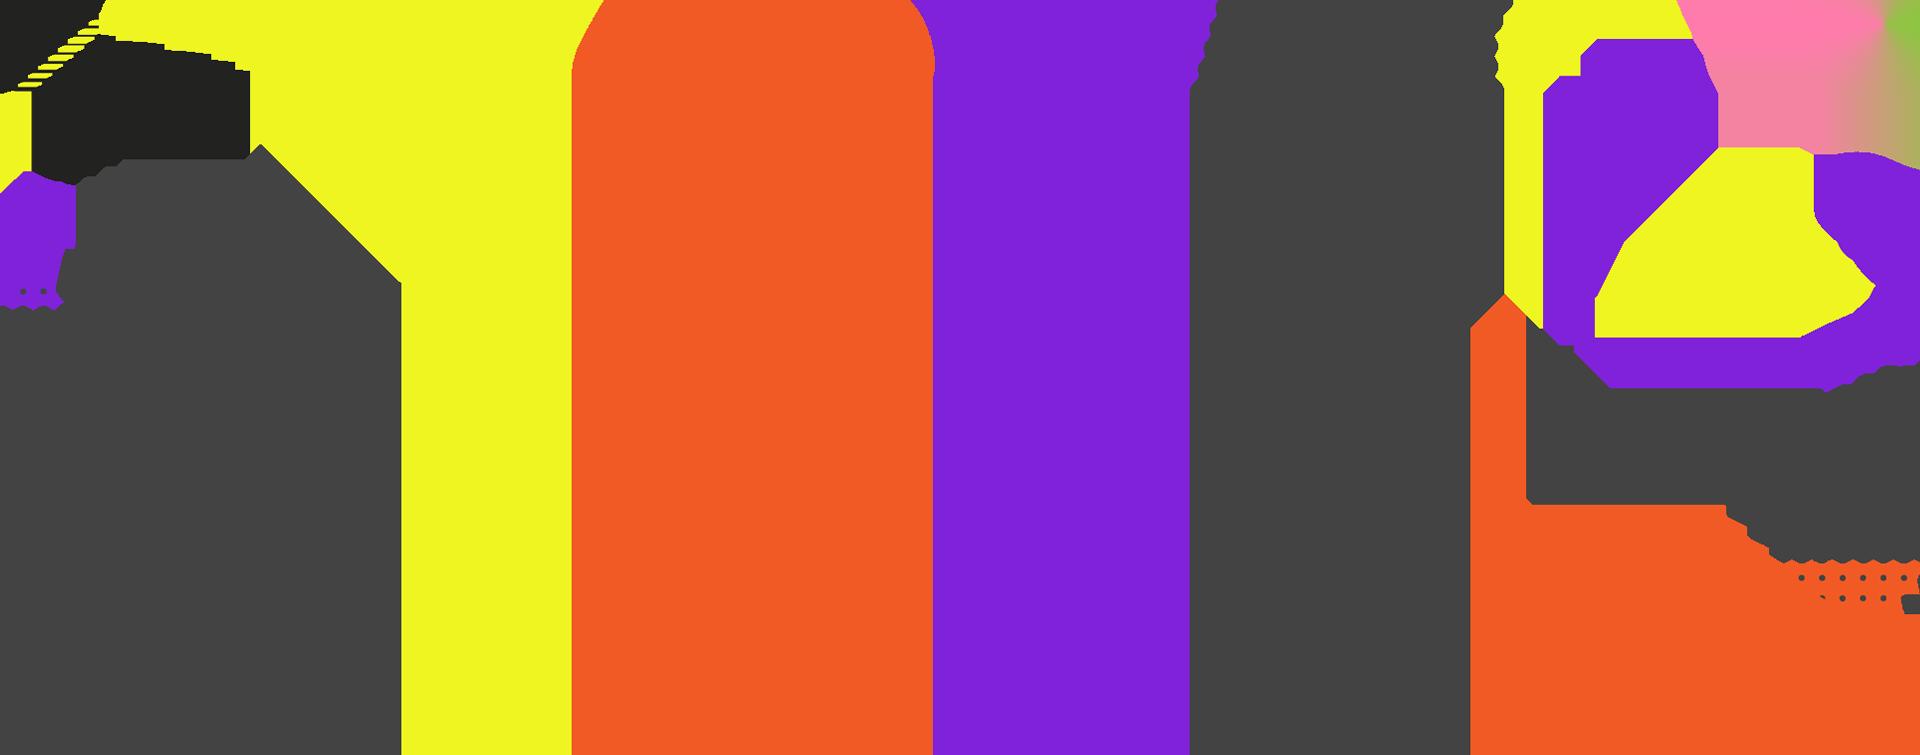 Jiji Ventures Limited - Banner